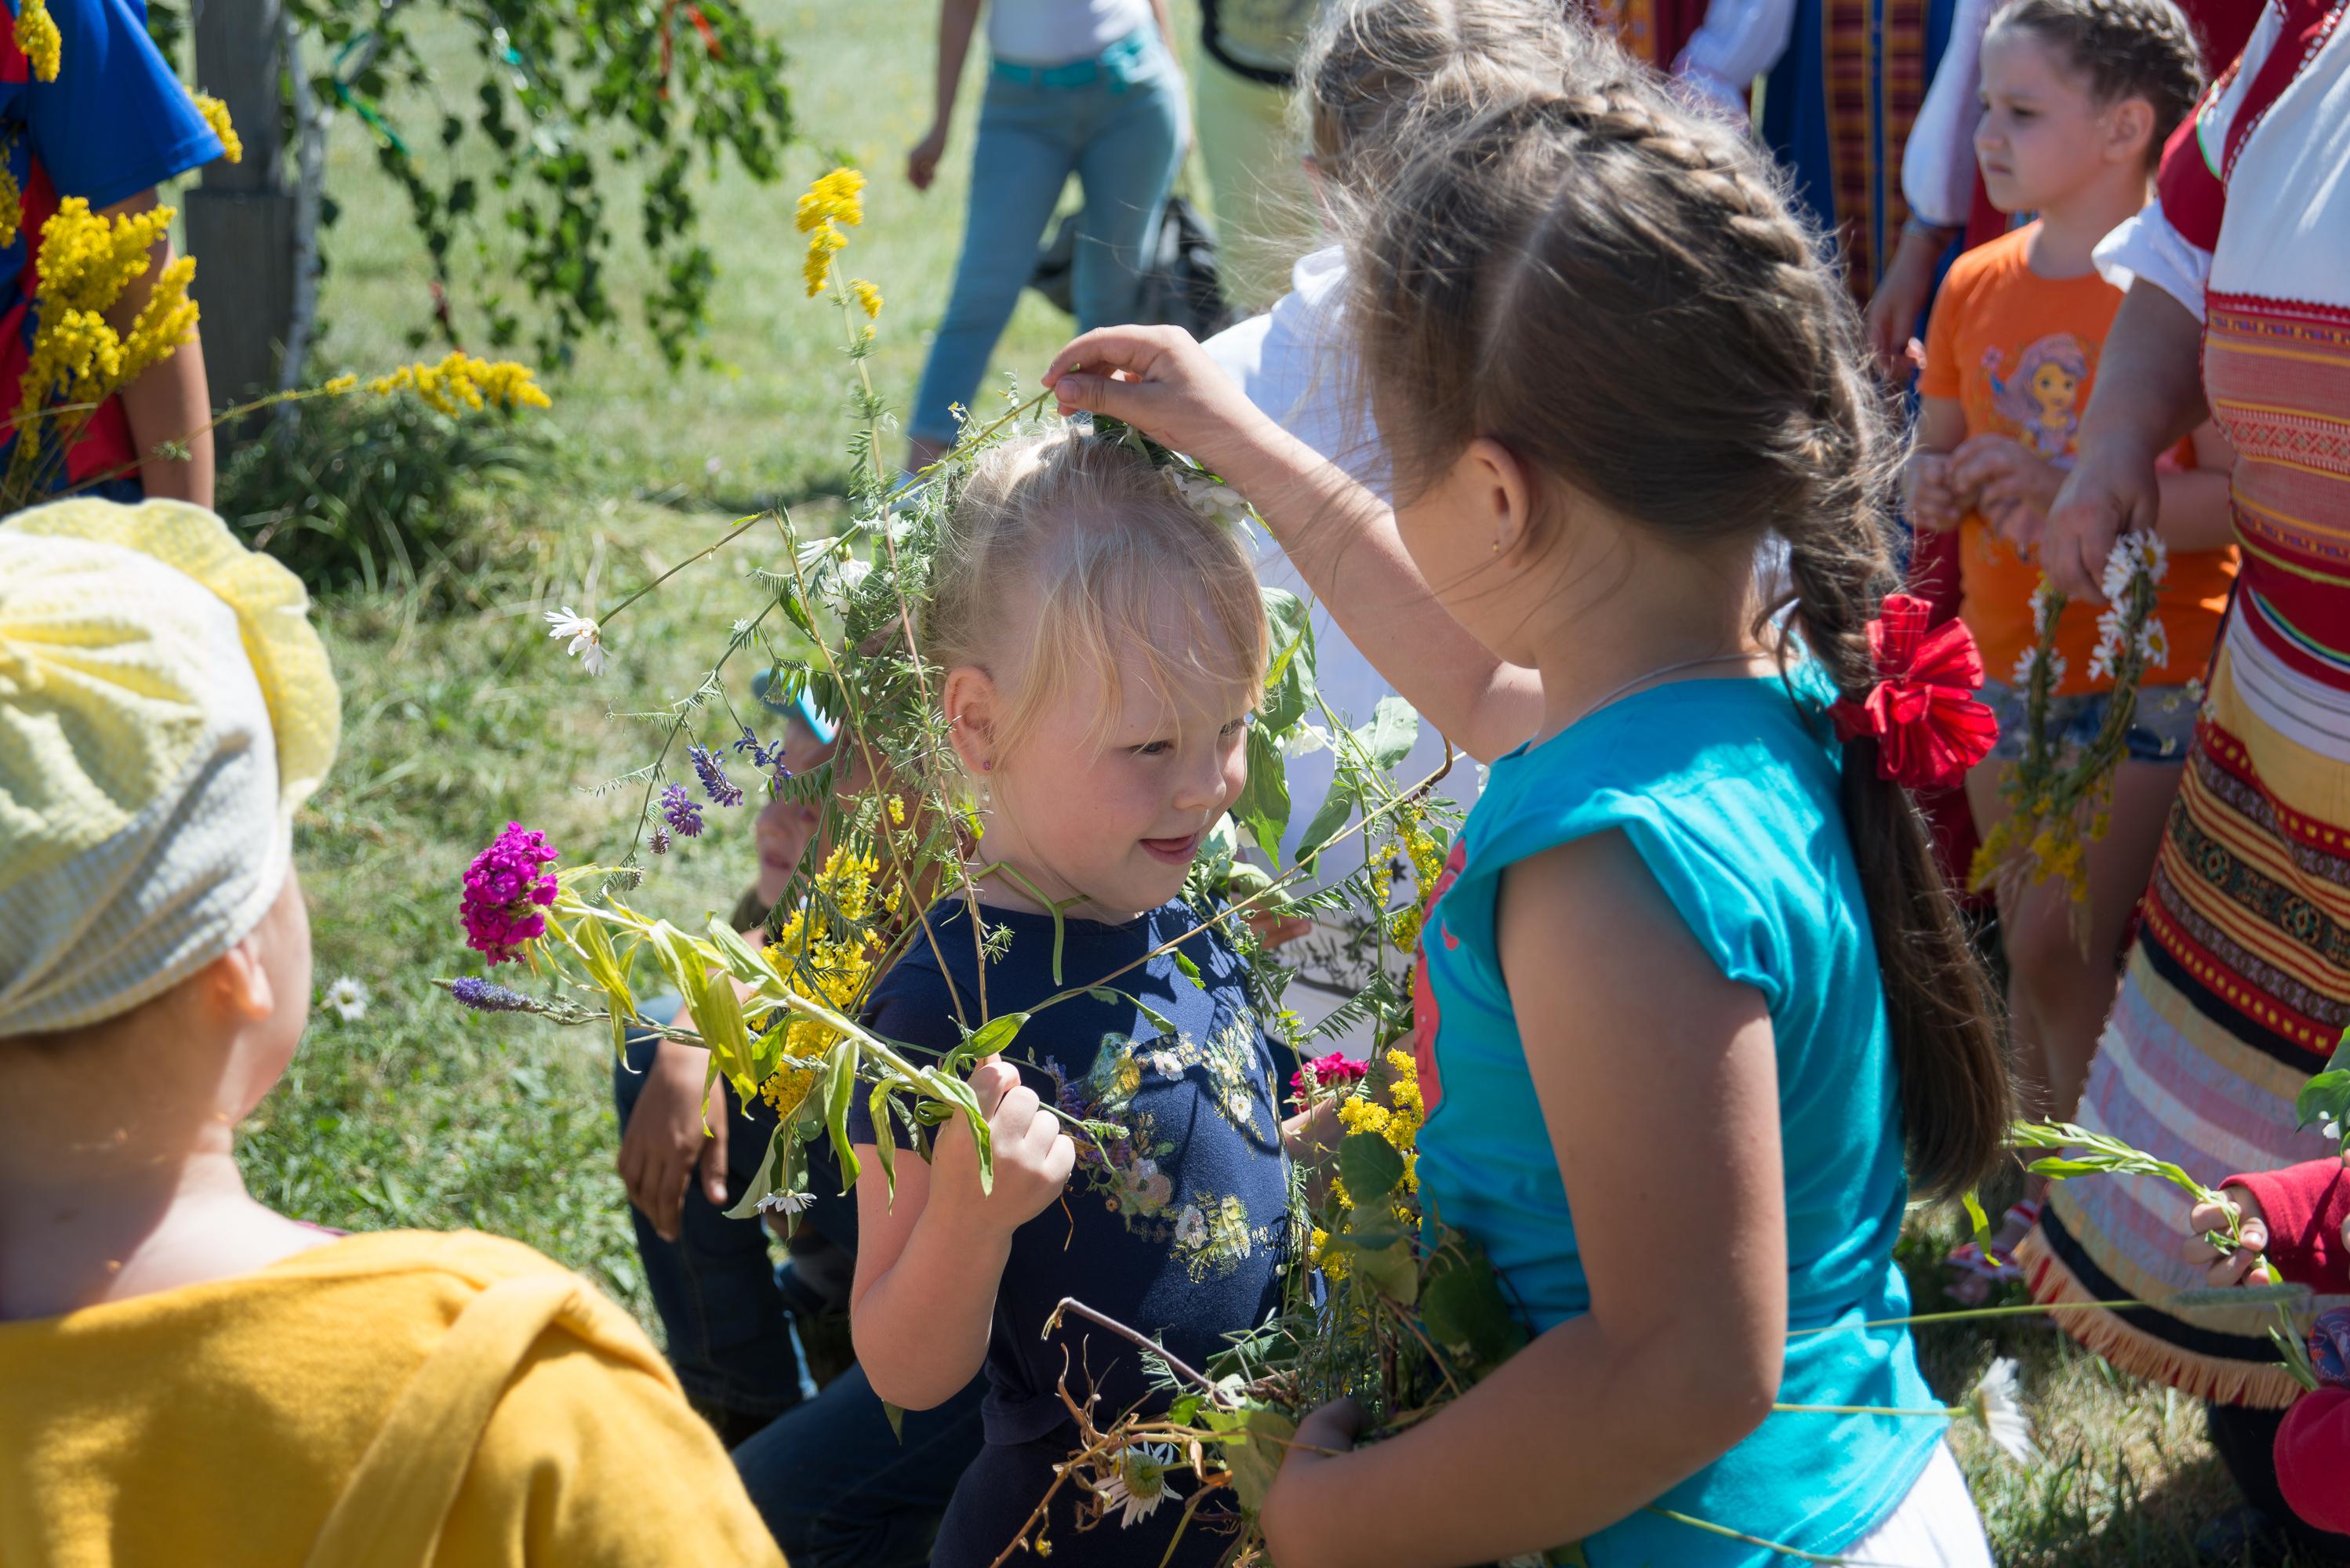 Троица тремя праздниками богата: цветами, травами и румяным летом. Праздник Троица в «Тарханах» в русских народных традициях с детьми на открытом воздухе